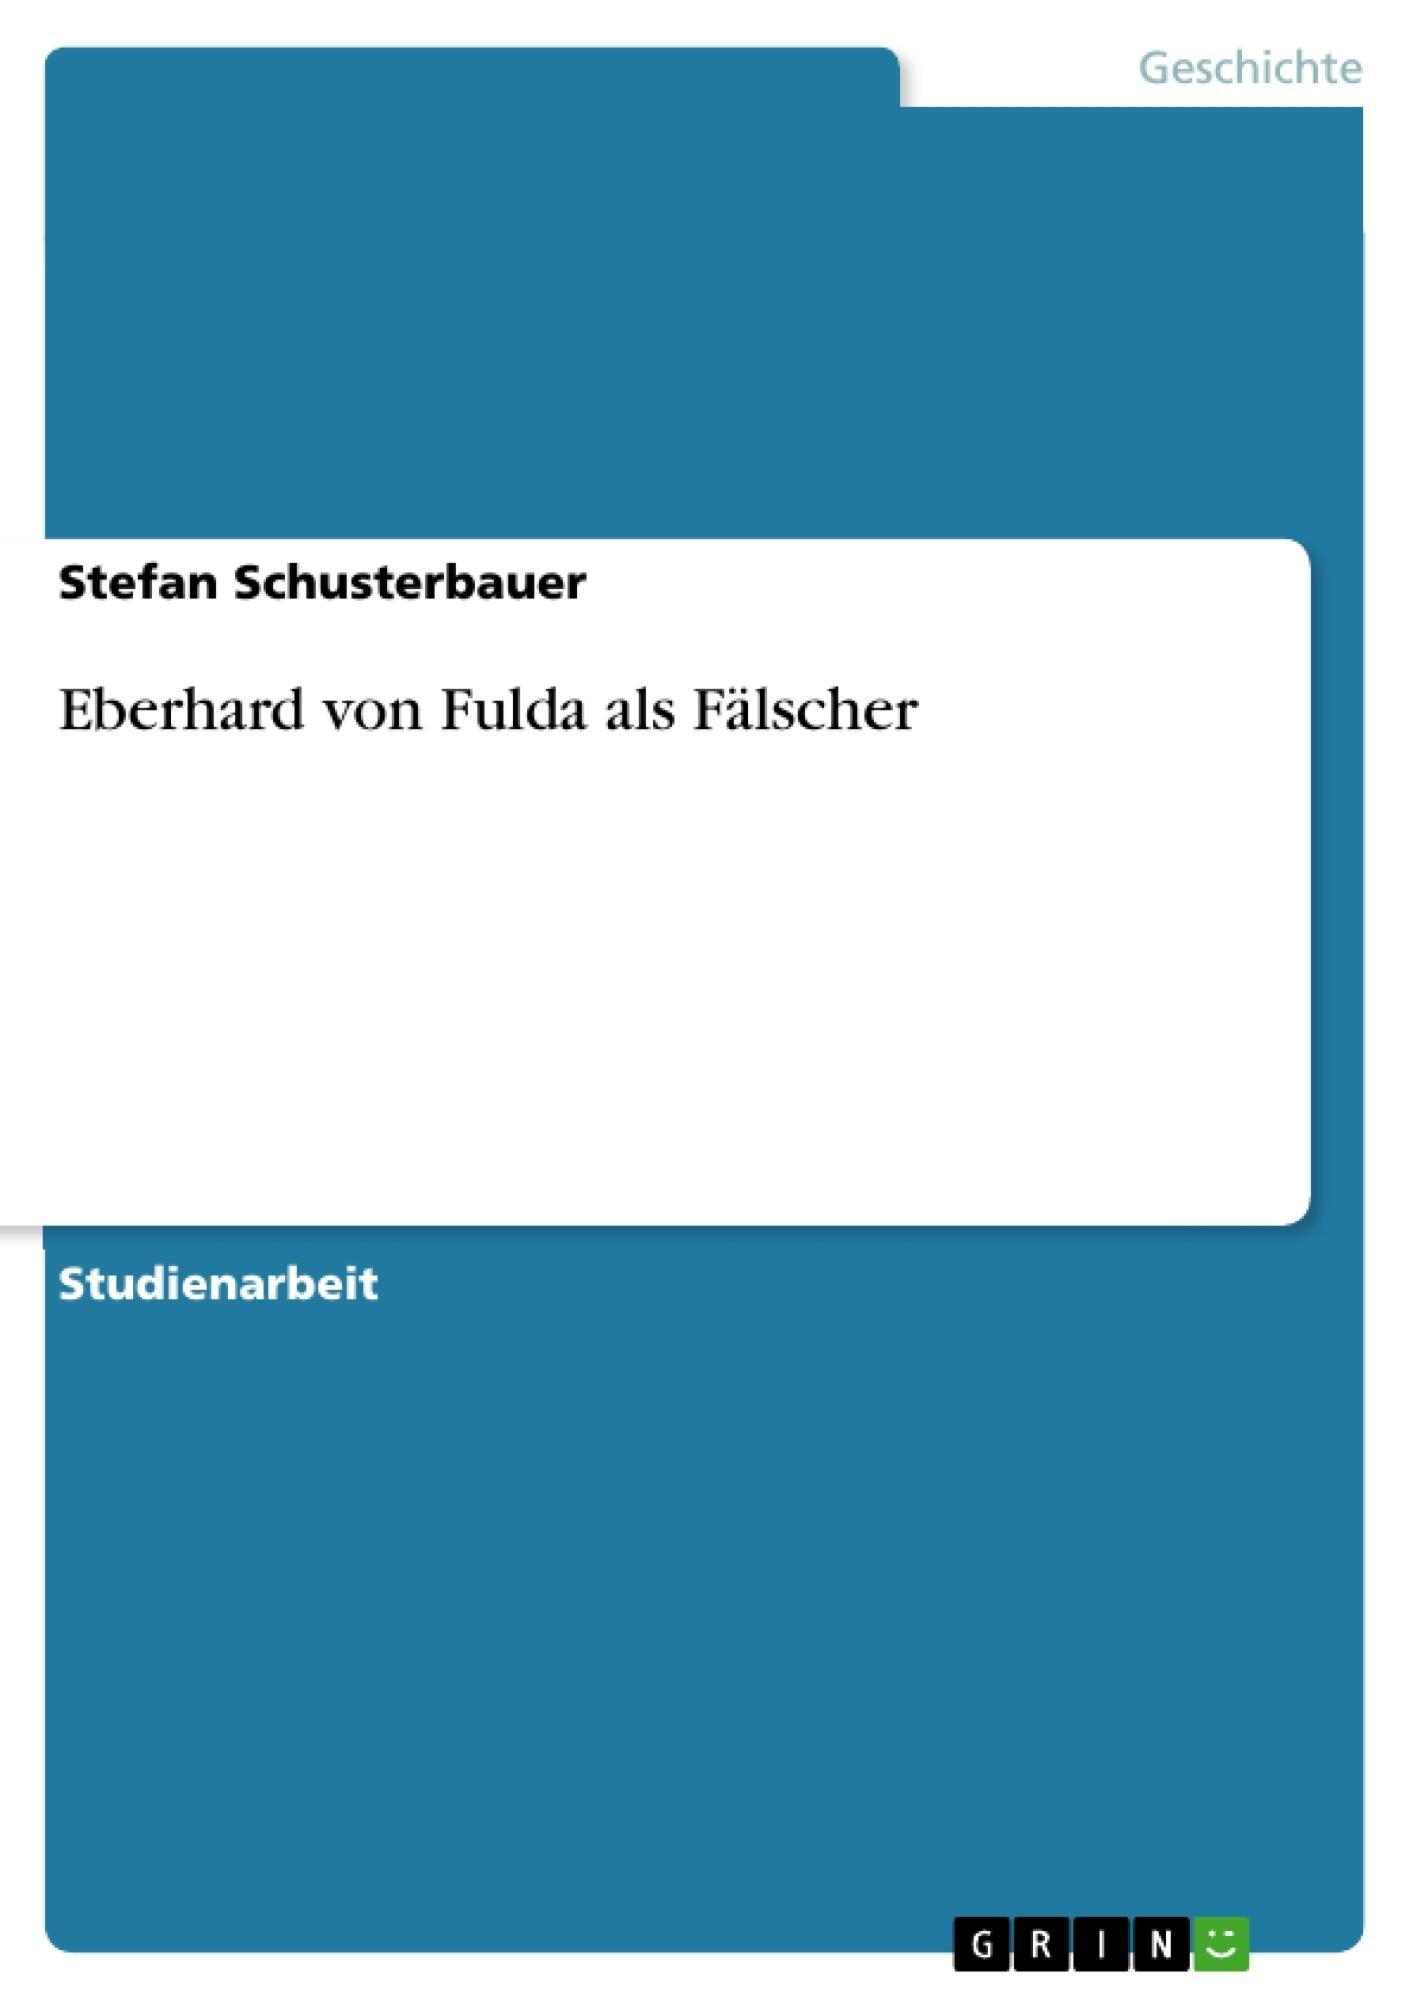 Titel: Eberhard von Fulda als Fälscher